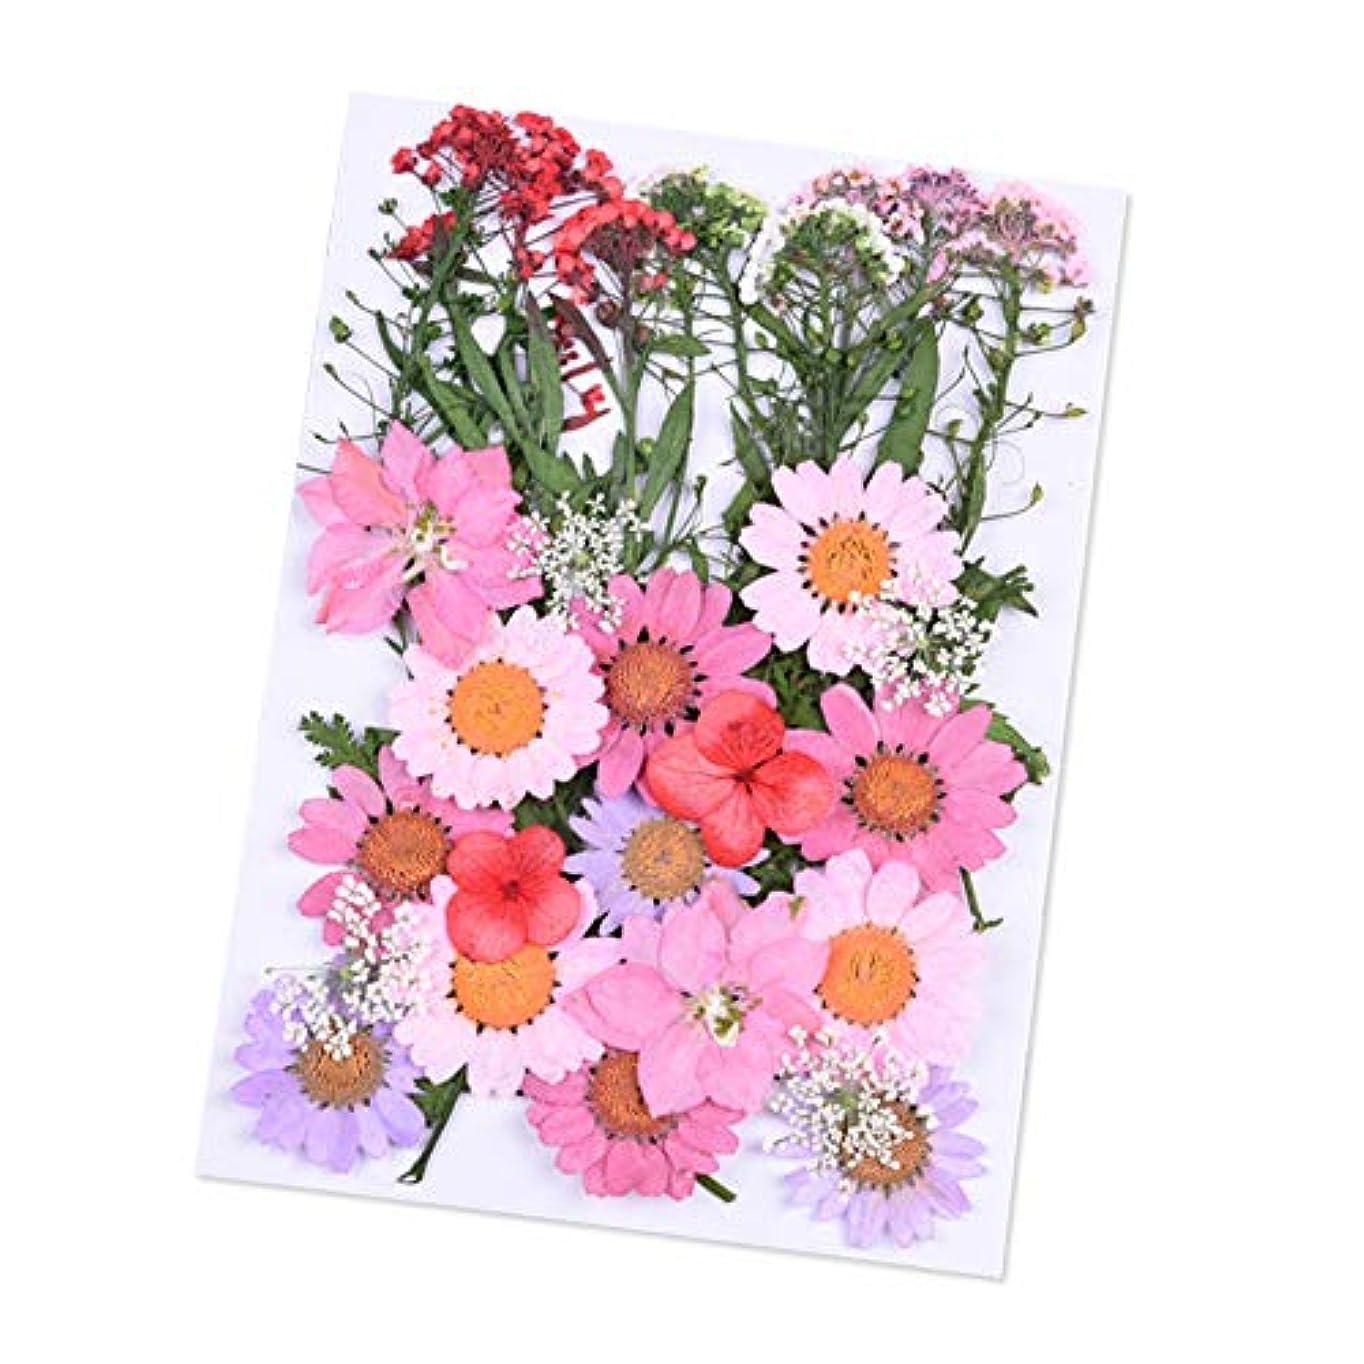 合わせて発音する詐欺Dried Flowers,ZOZOE Natural Real Dried Flowers Flower Kit Flower Petals and Buds DIY Silicone Coaster Resin Molds...